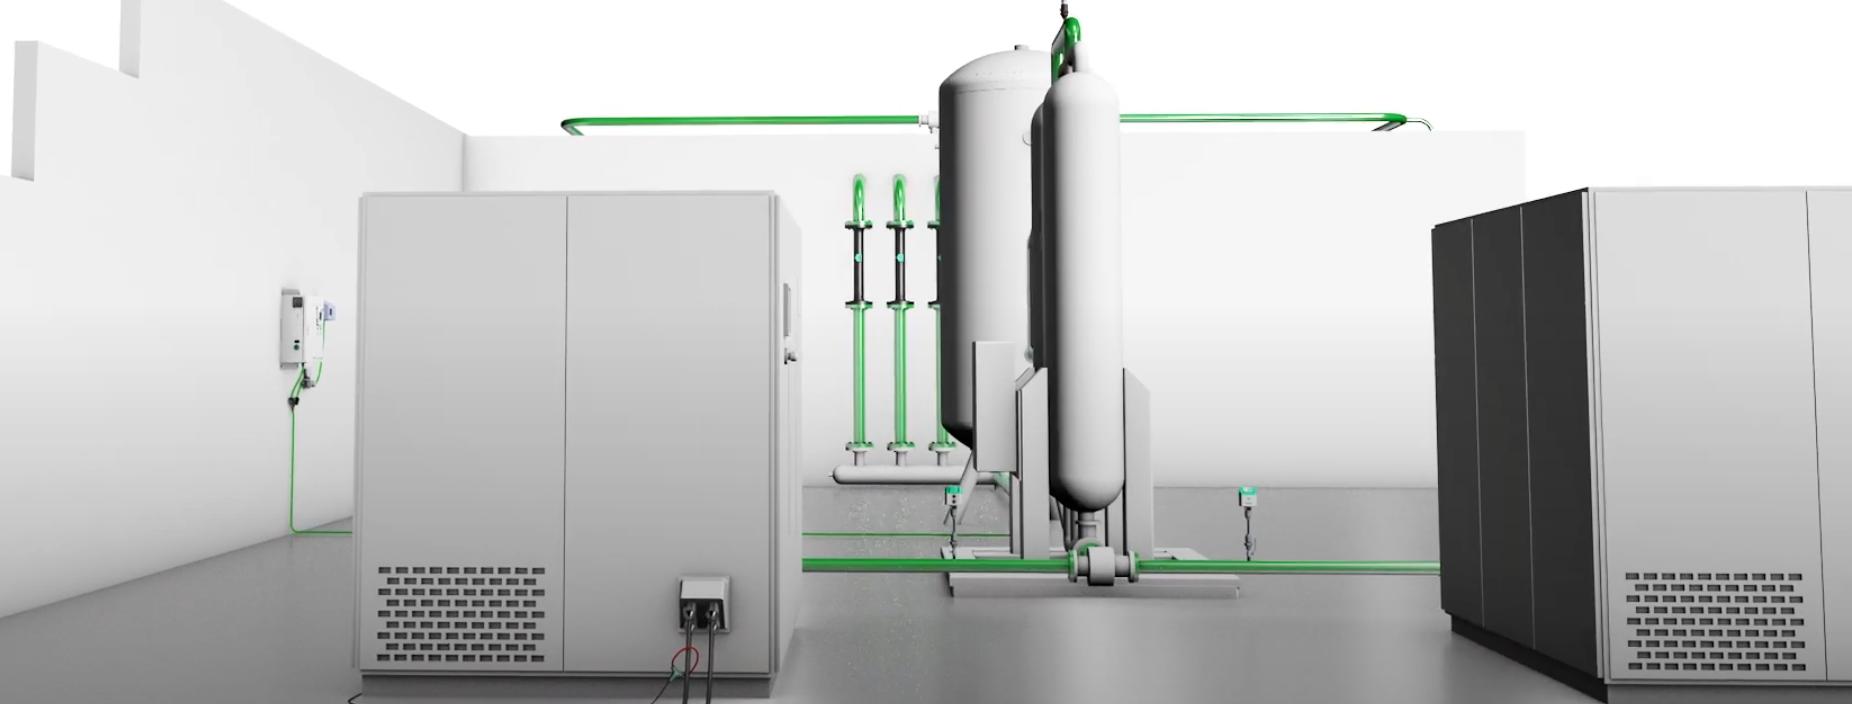 Hệ thống máy nén khí sử dụng đồng hồ đo lưu lượng khí nén VA 520